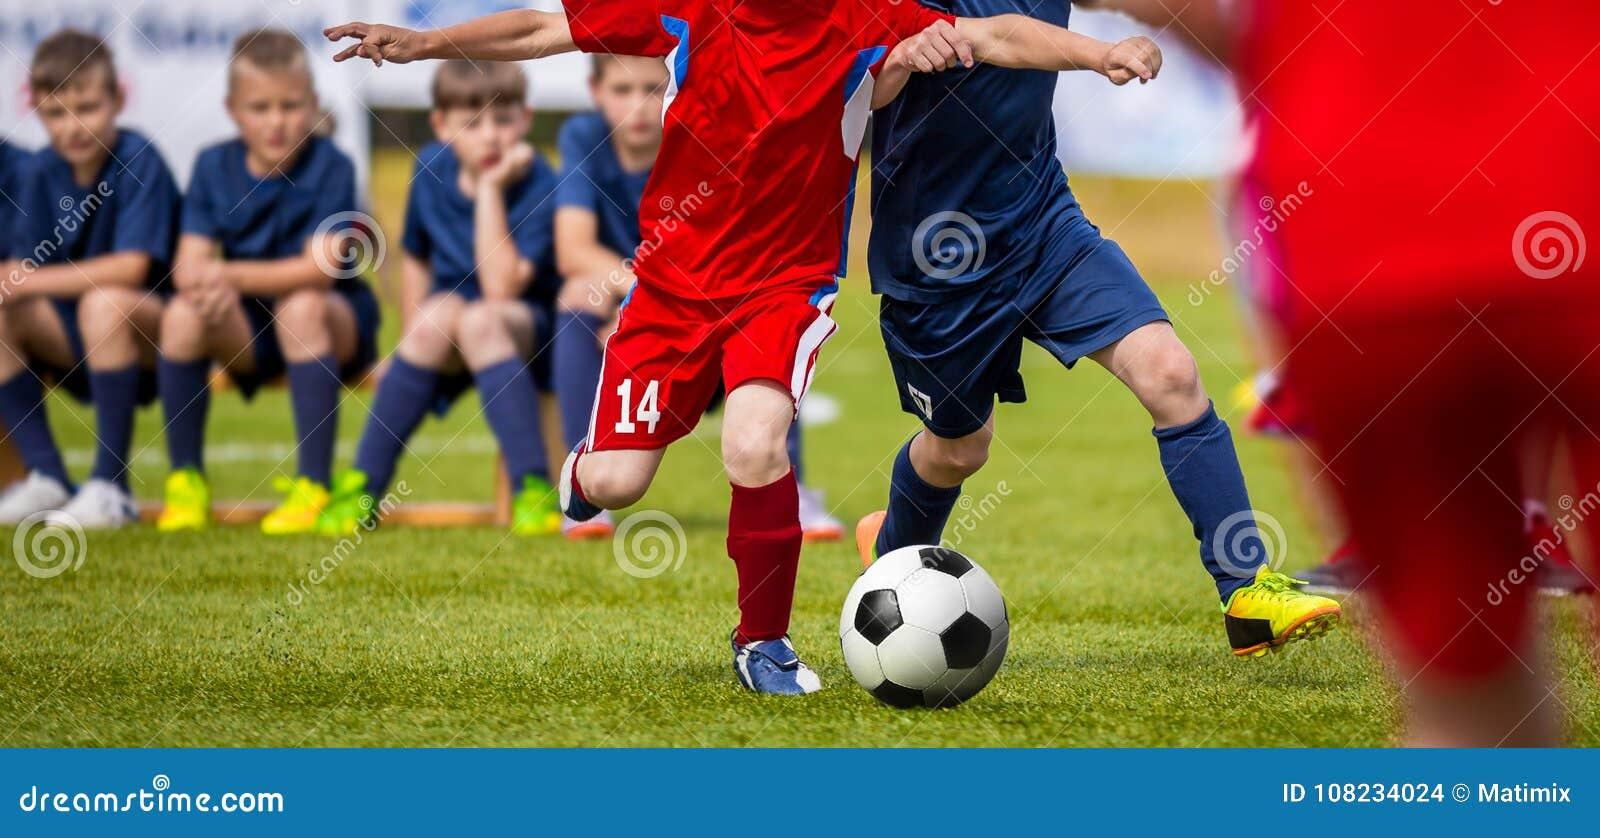 年轻球员的足球比赛 训练和橄榄球孩子的足球比赛